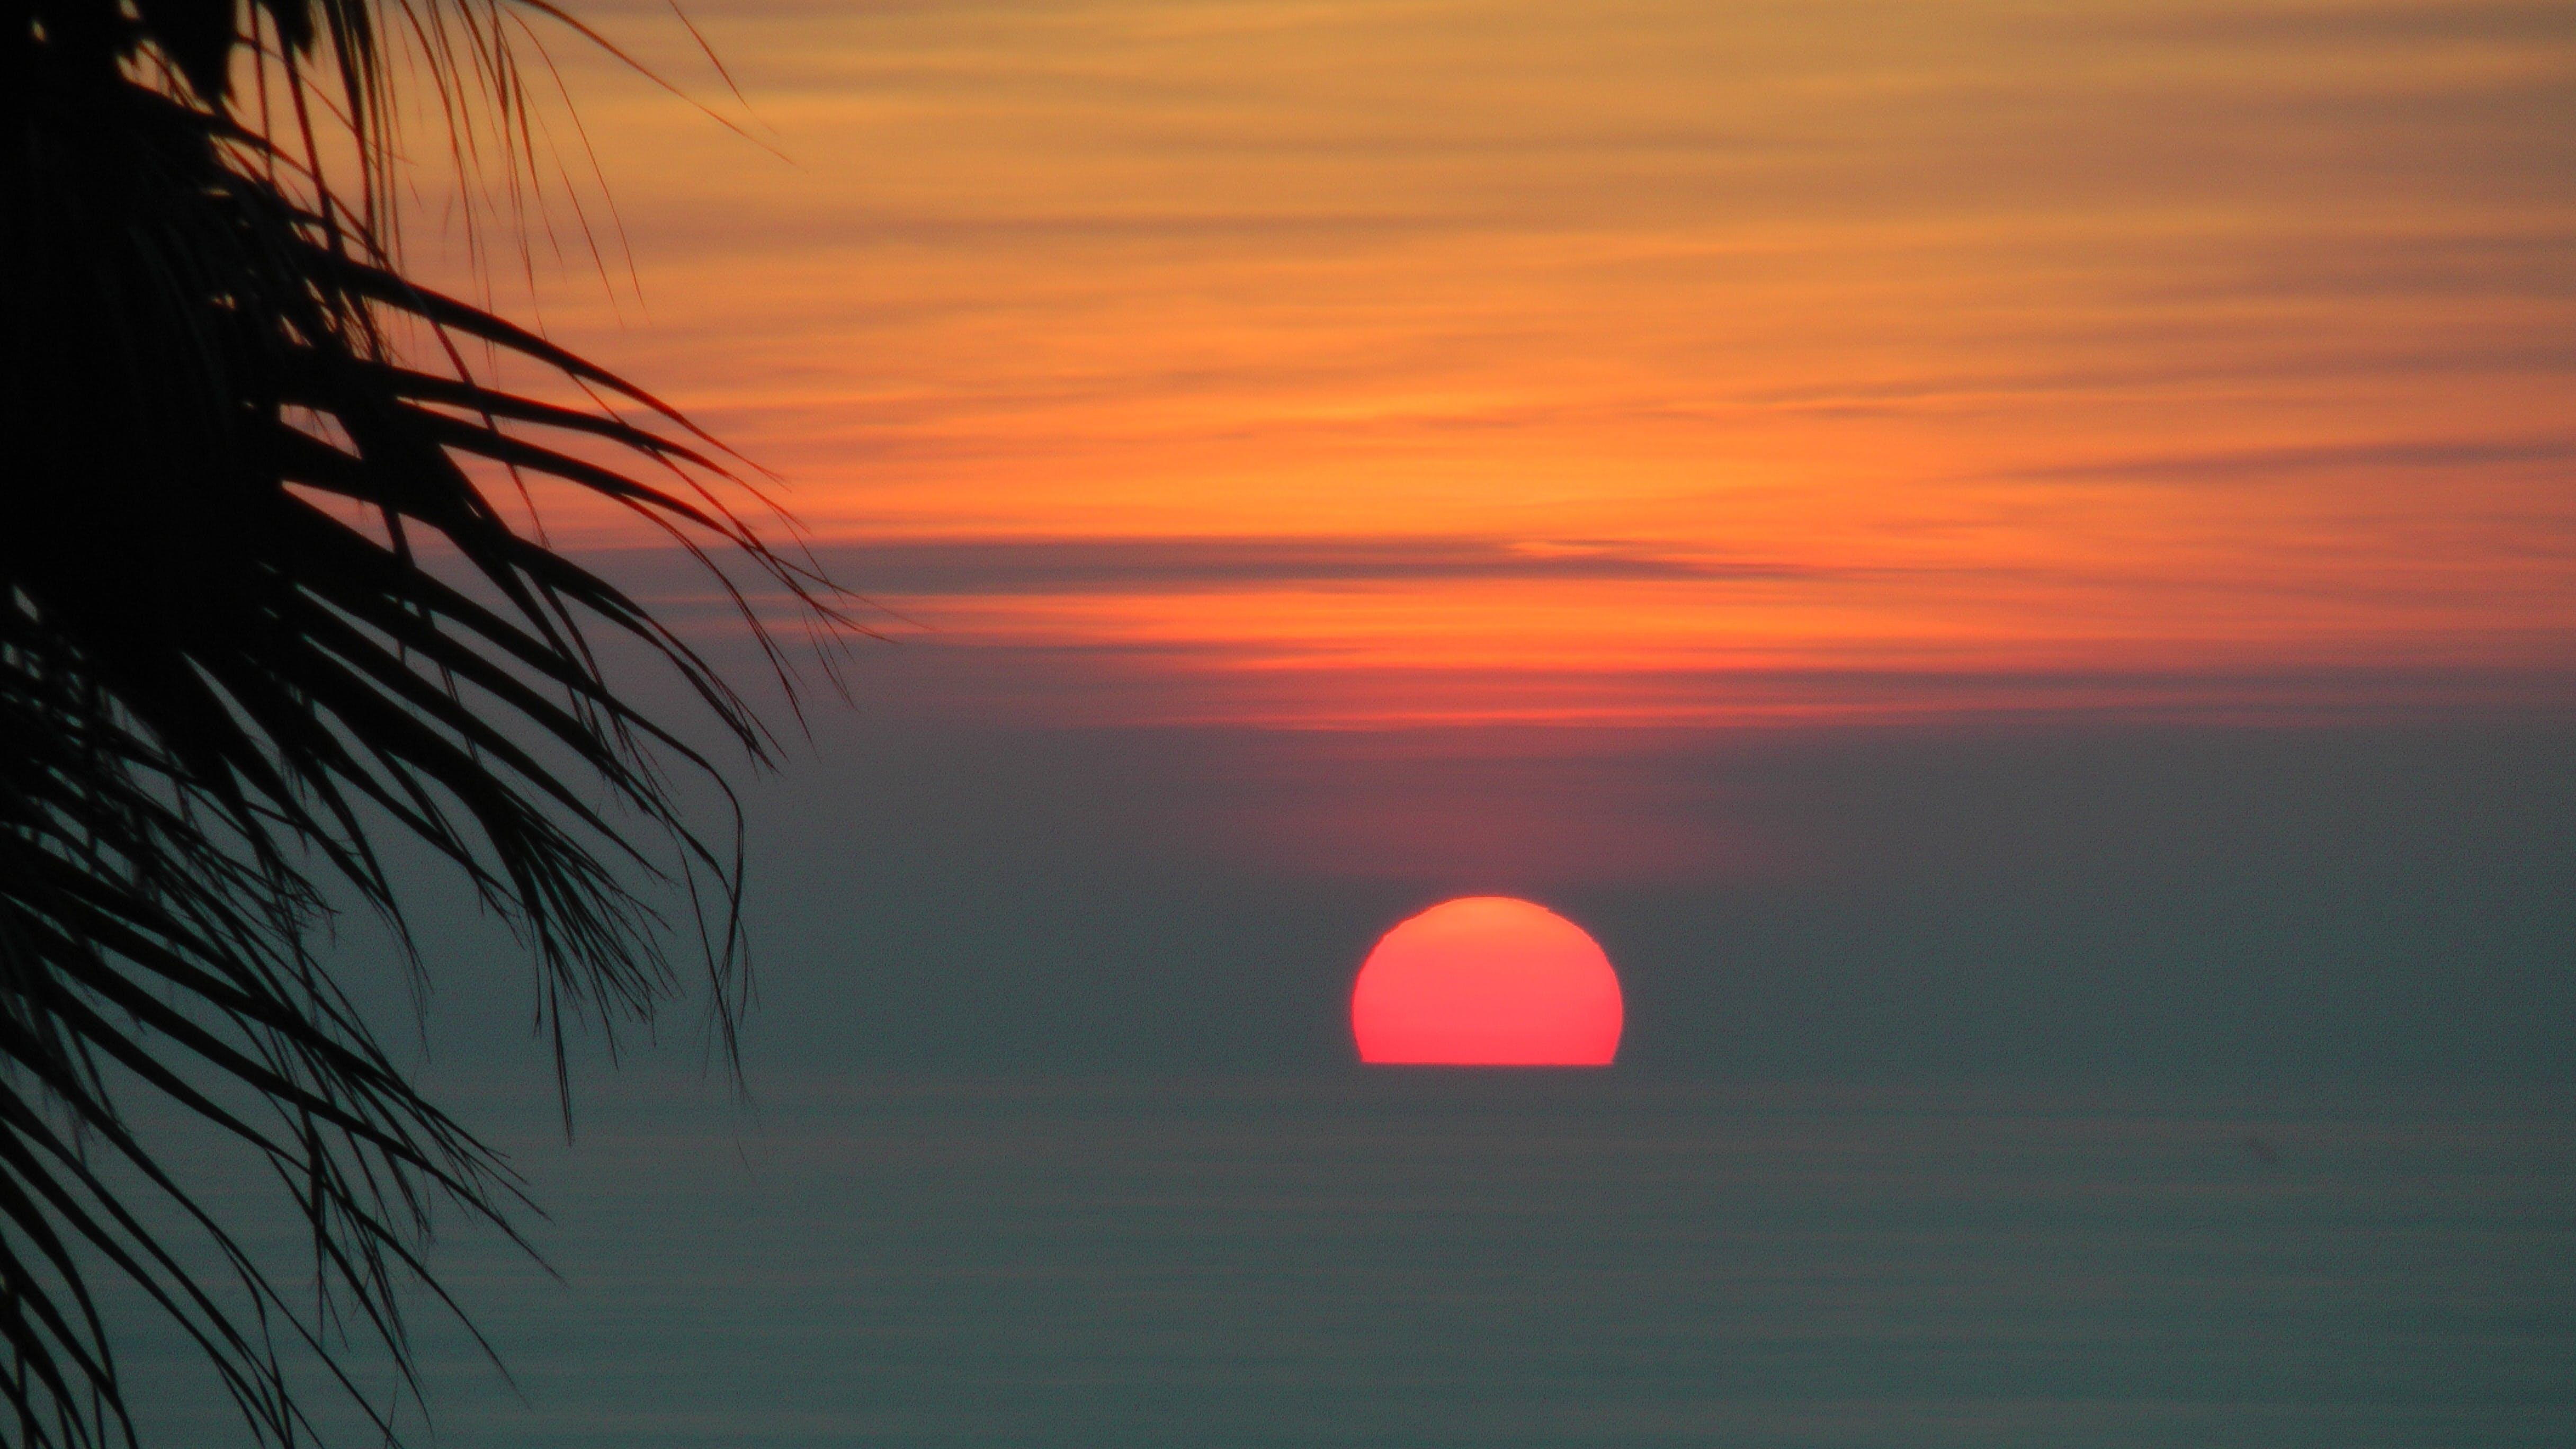 Free stock photo of sea, sunset, palm, afterglow